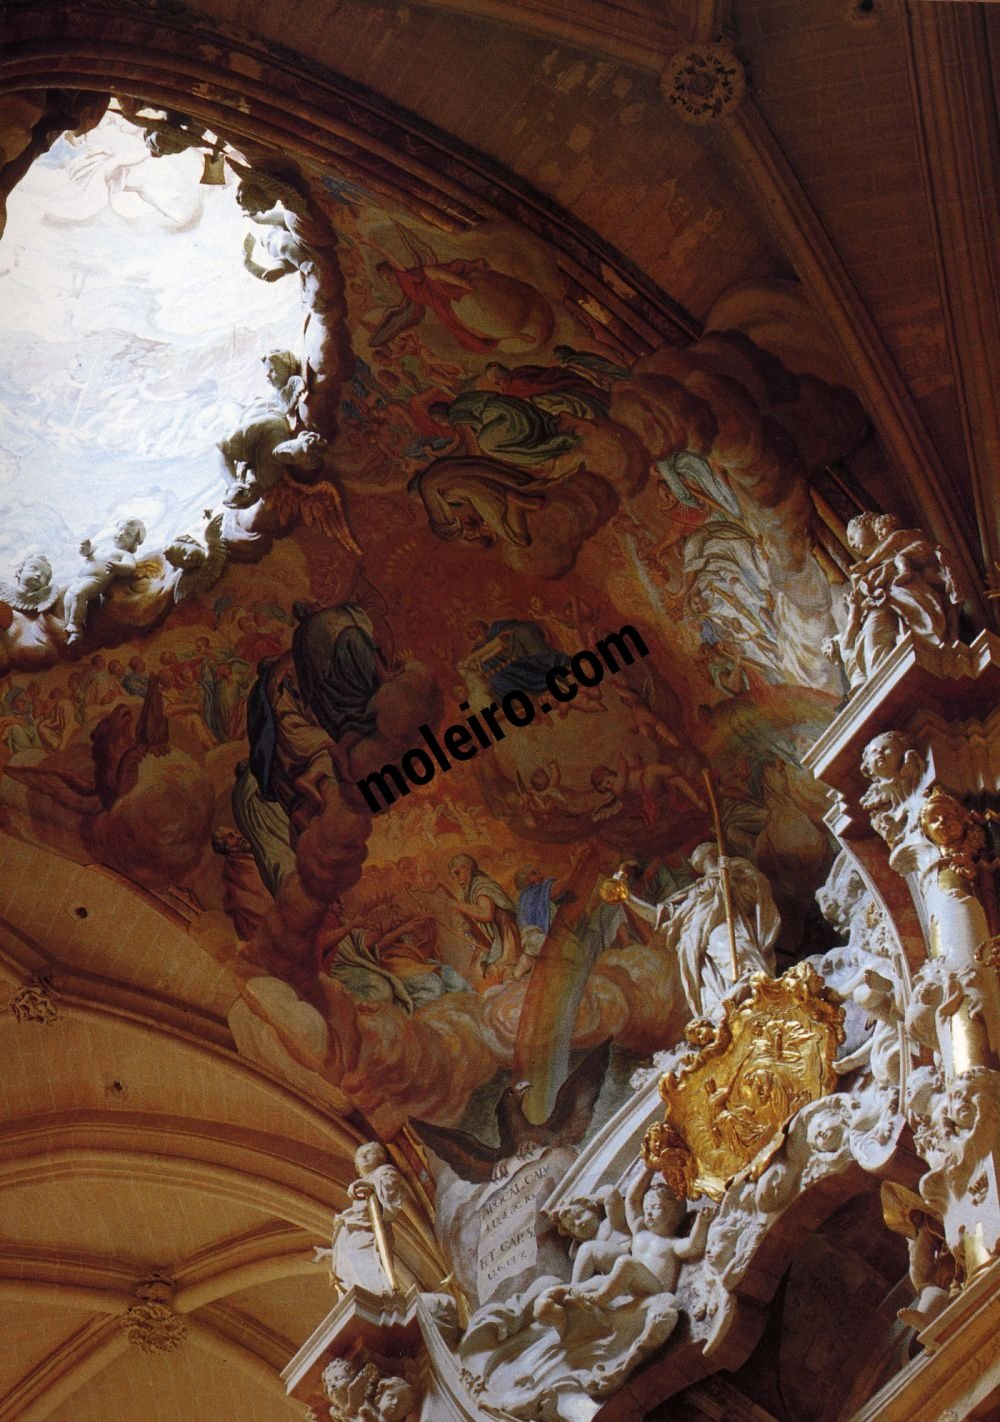 El Arte Barroco en España y Portugal Oeuvre de Narciso Tomé (1721-1731). Tolède, Espagne